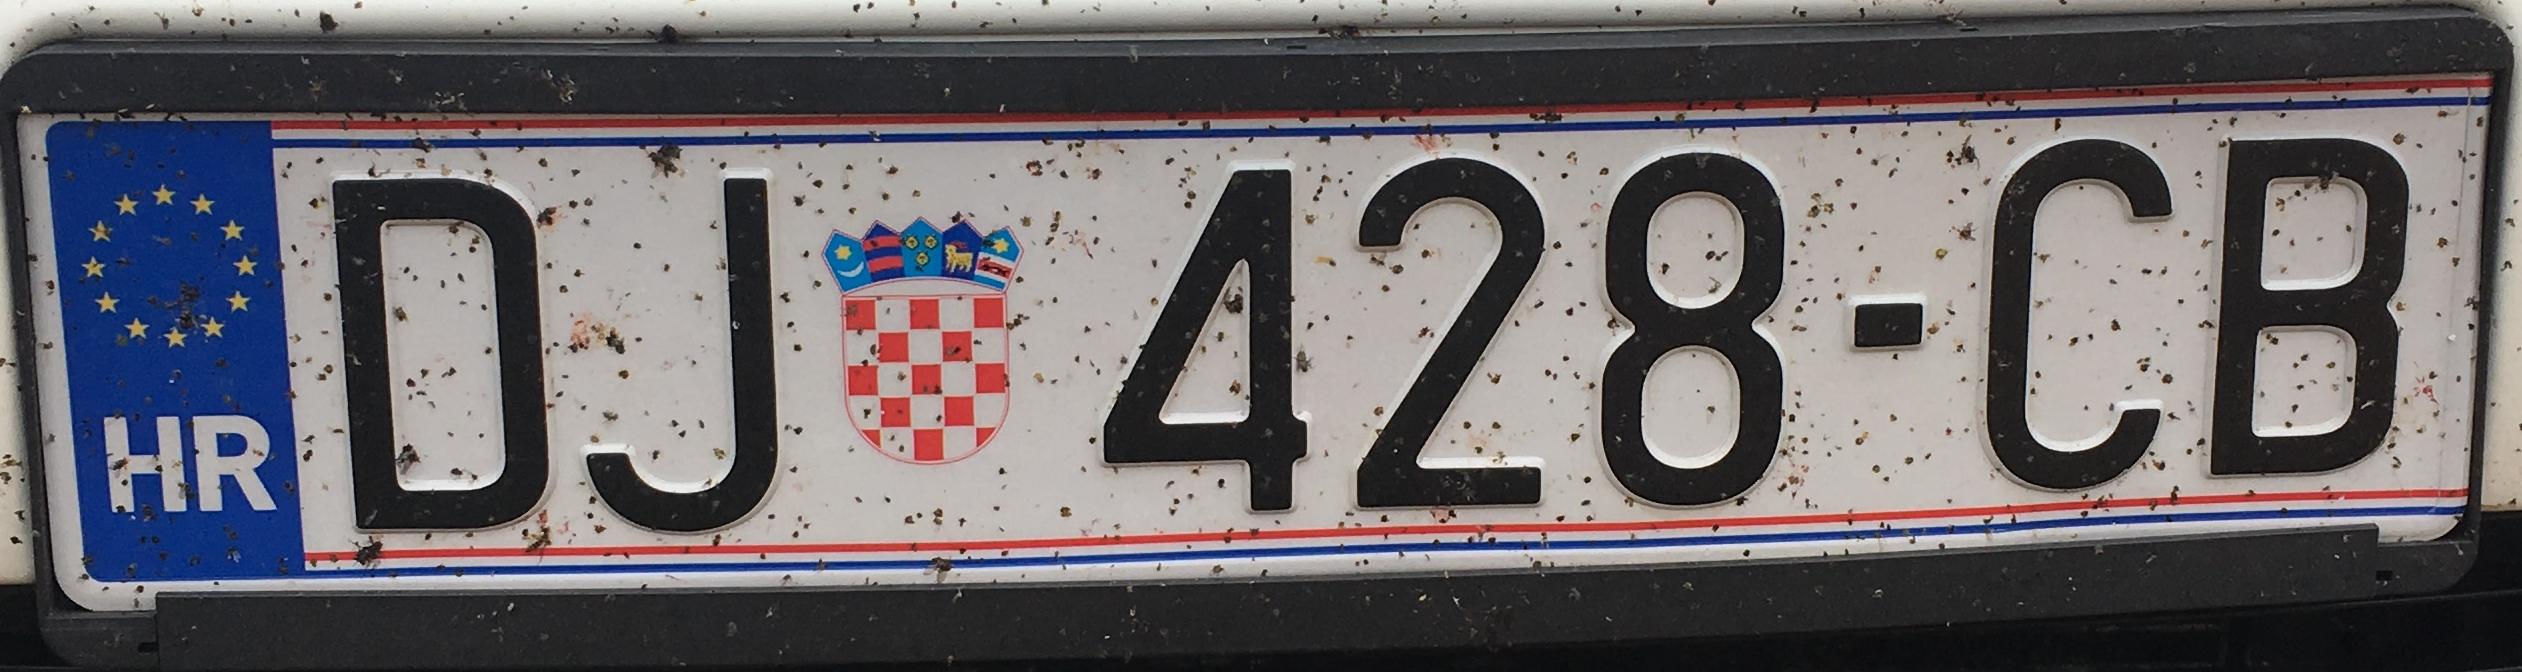 Registrační značka Chorvatsko - DJ - Djakovo, foto: www.podalnici.cz